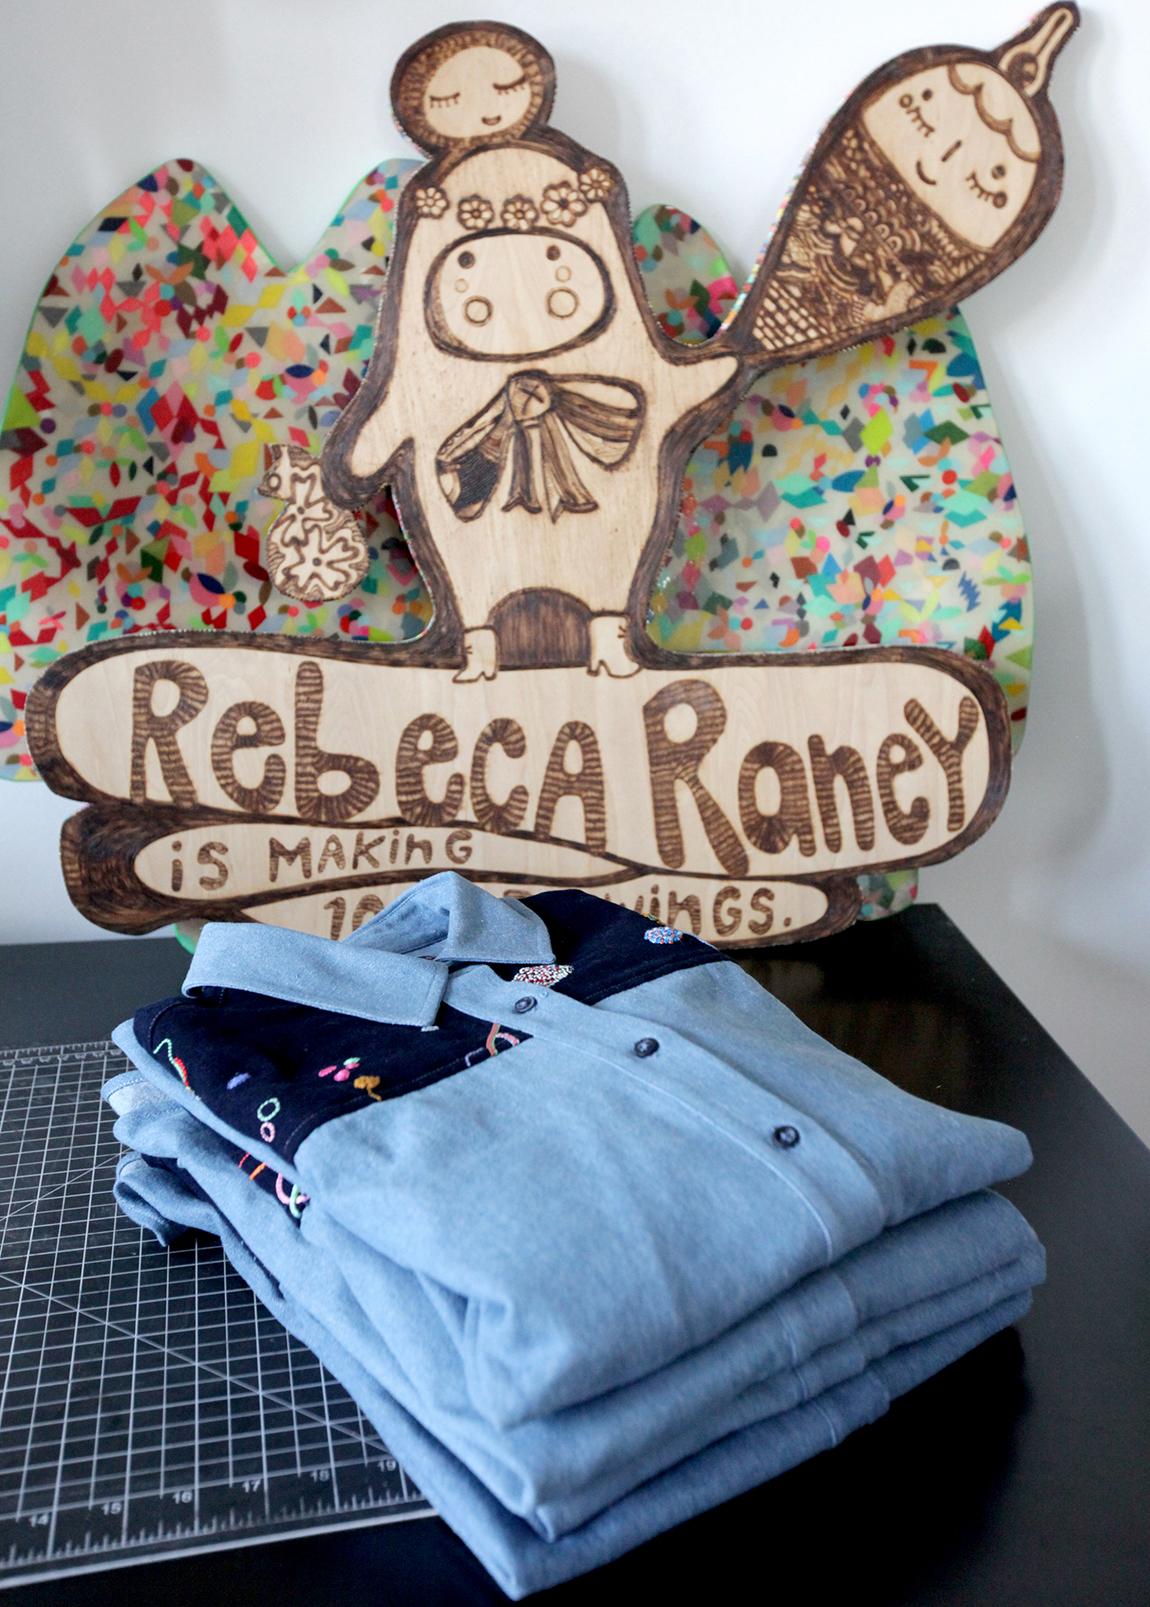 Rebeca Raney x La Selva